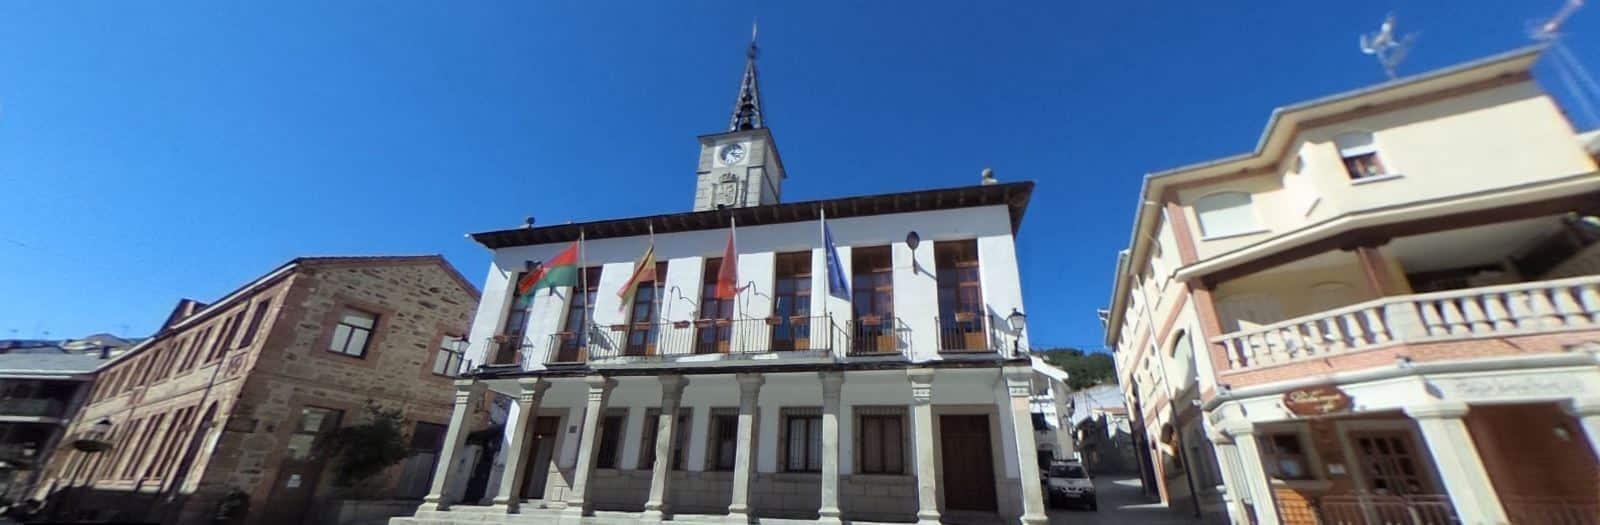 Registro civil - Ayuntamiento Miraflores de la Sierra